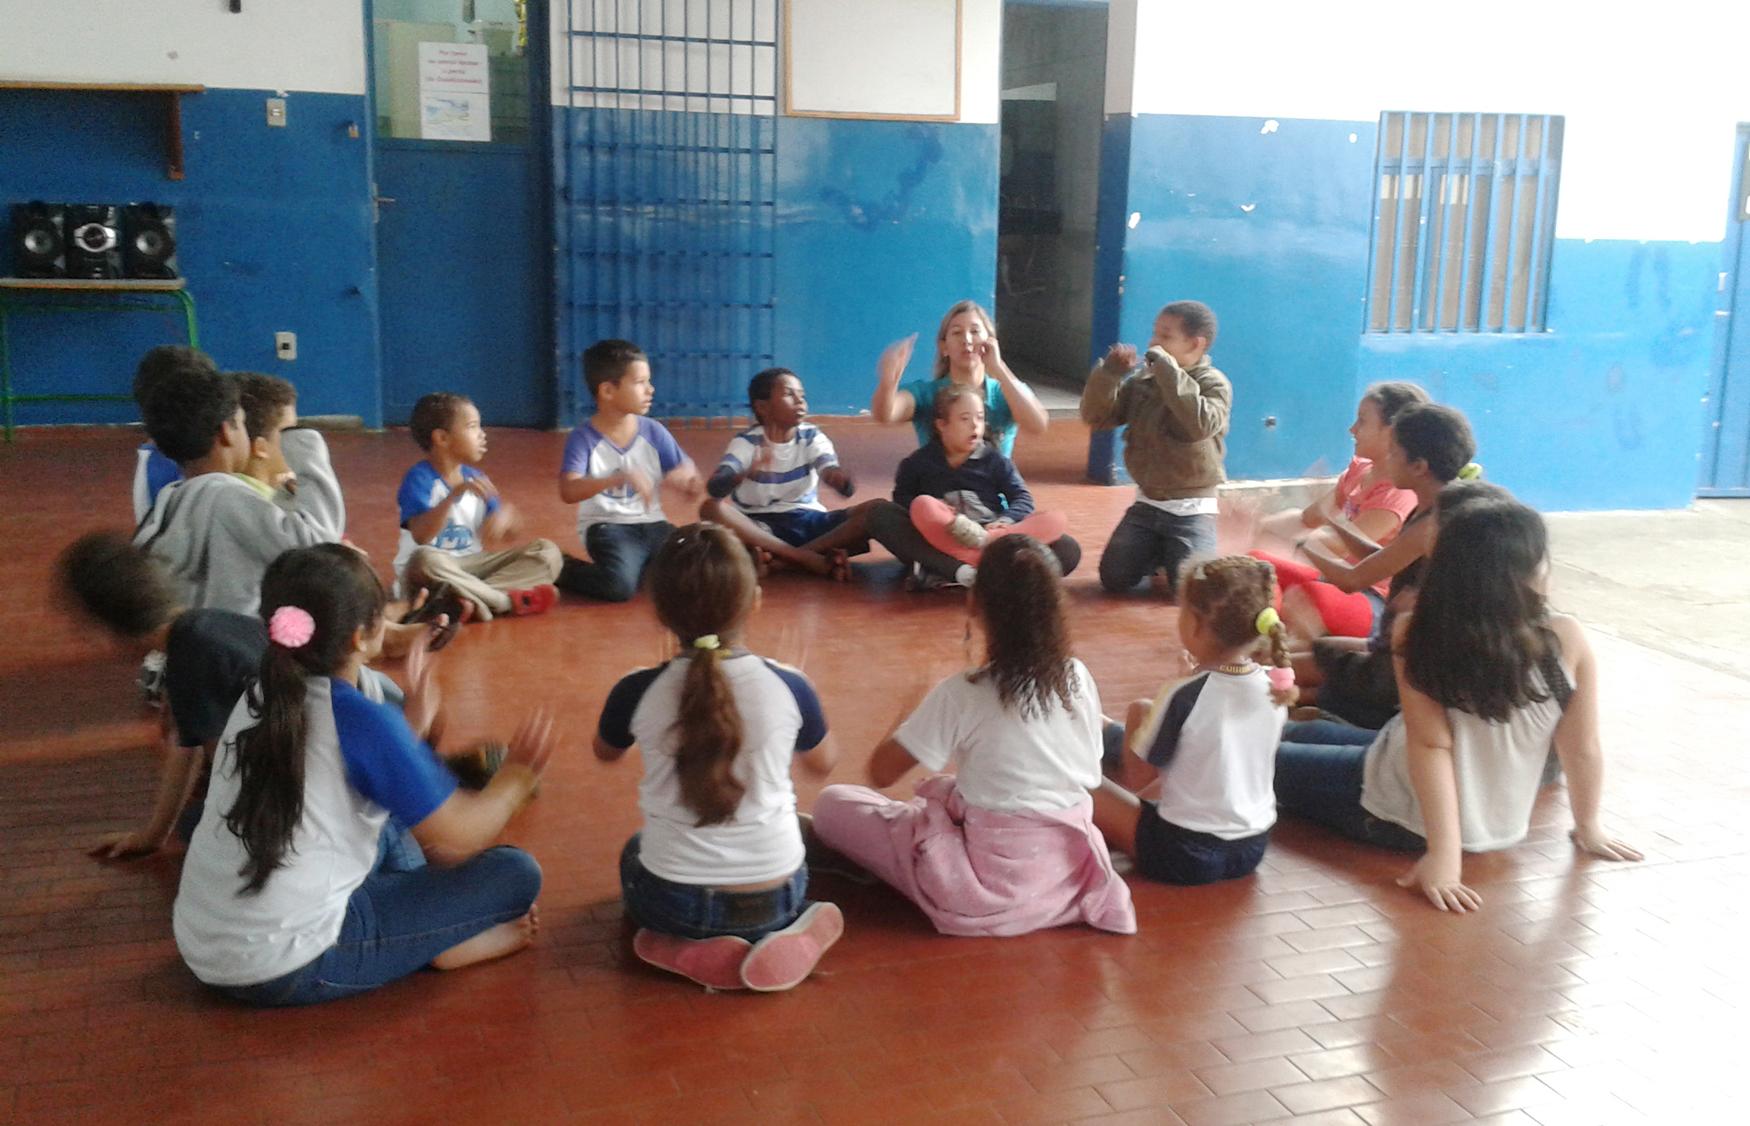 Crianças em uma quadra sentadas em círculo brincam de ciranda.